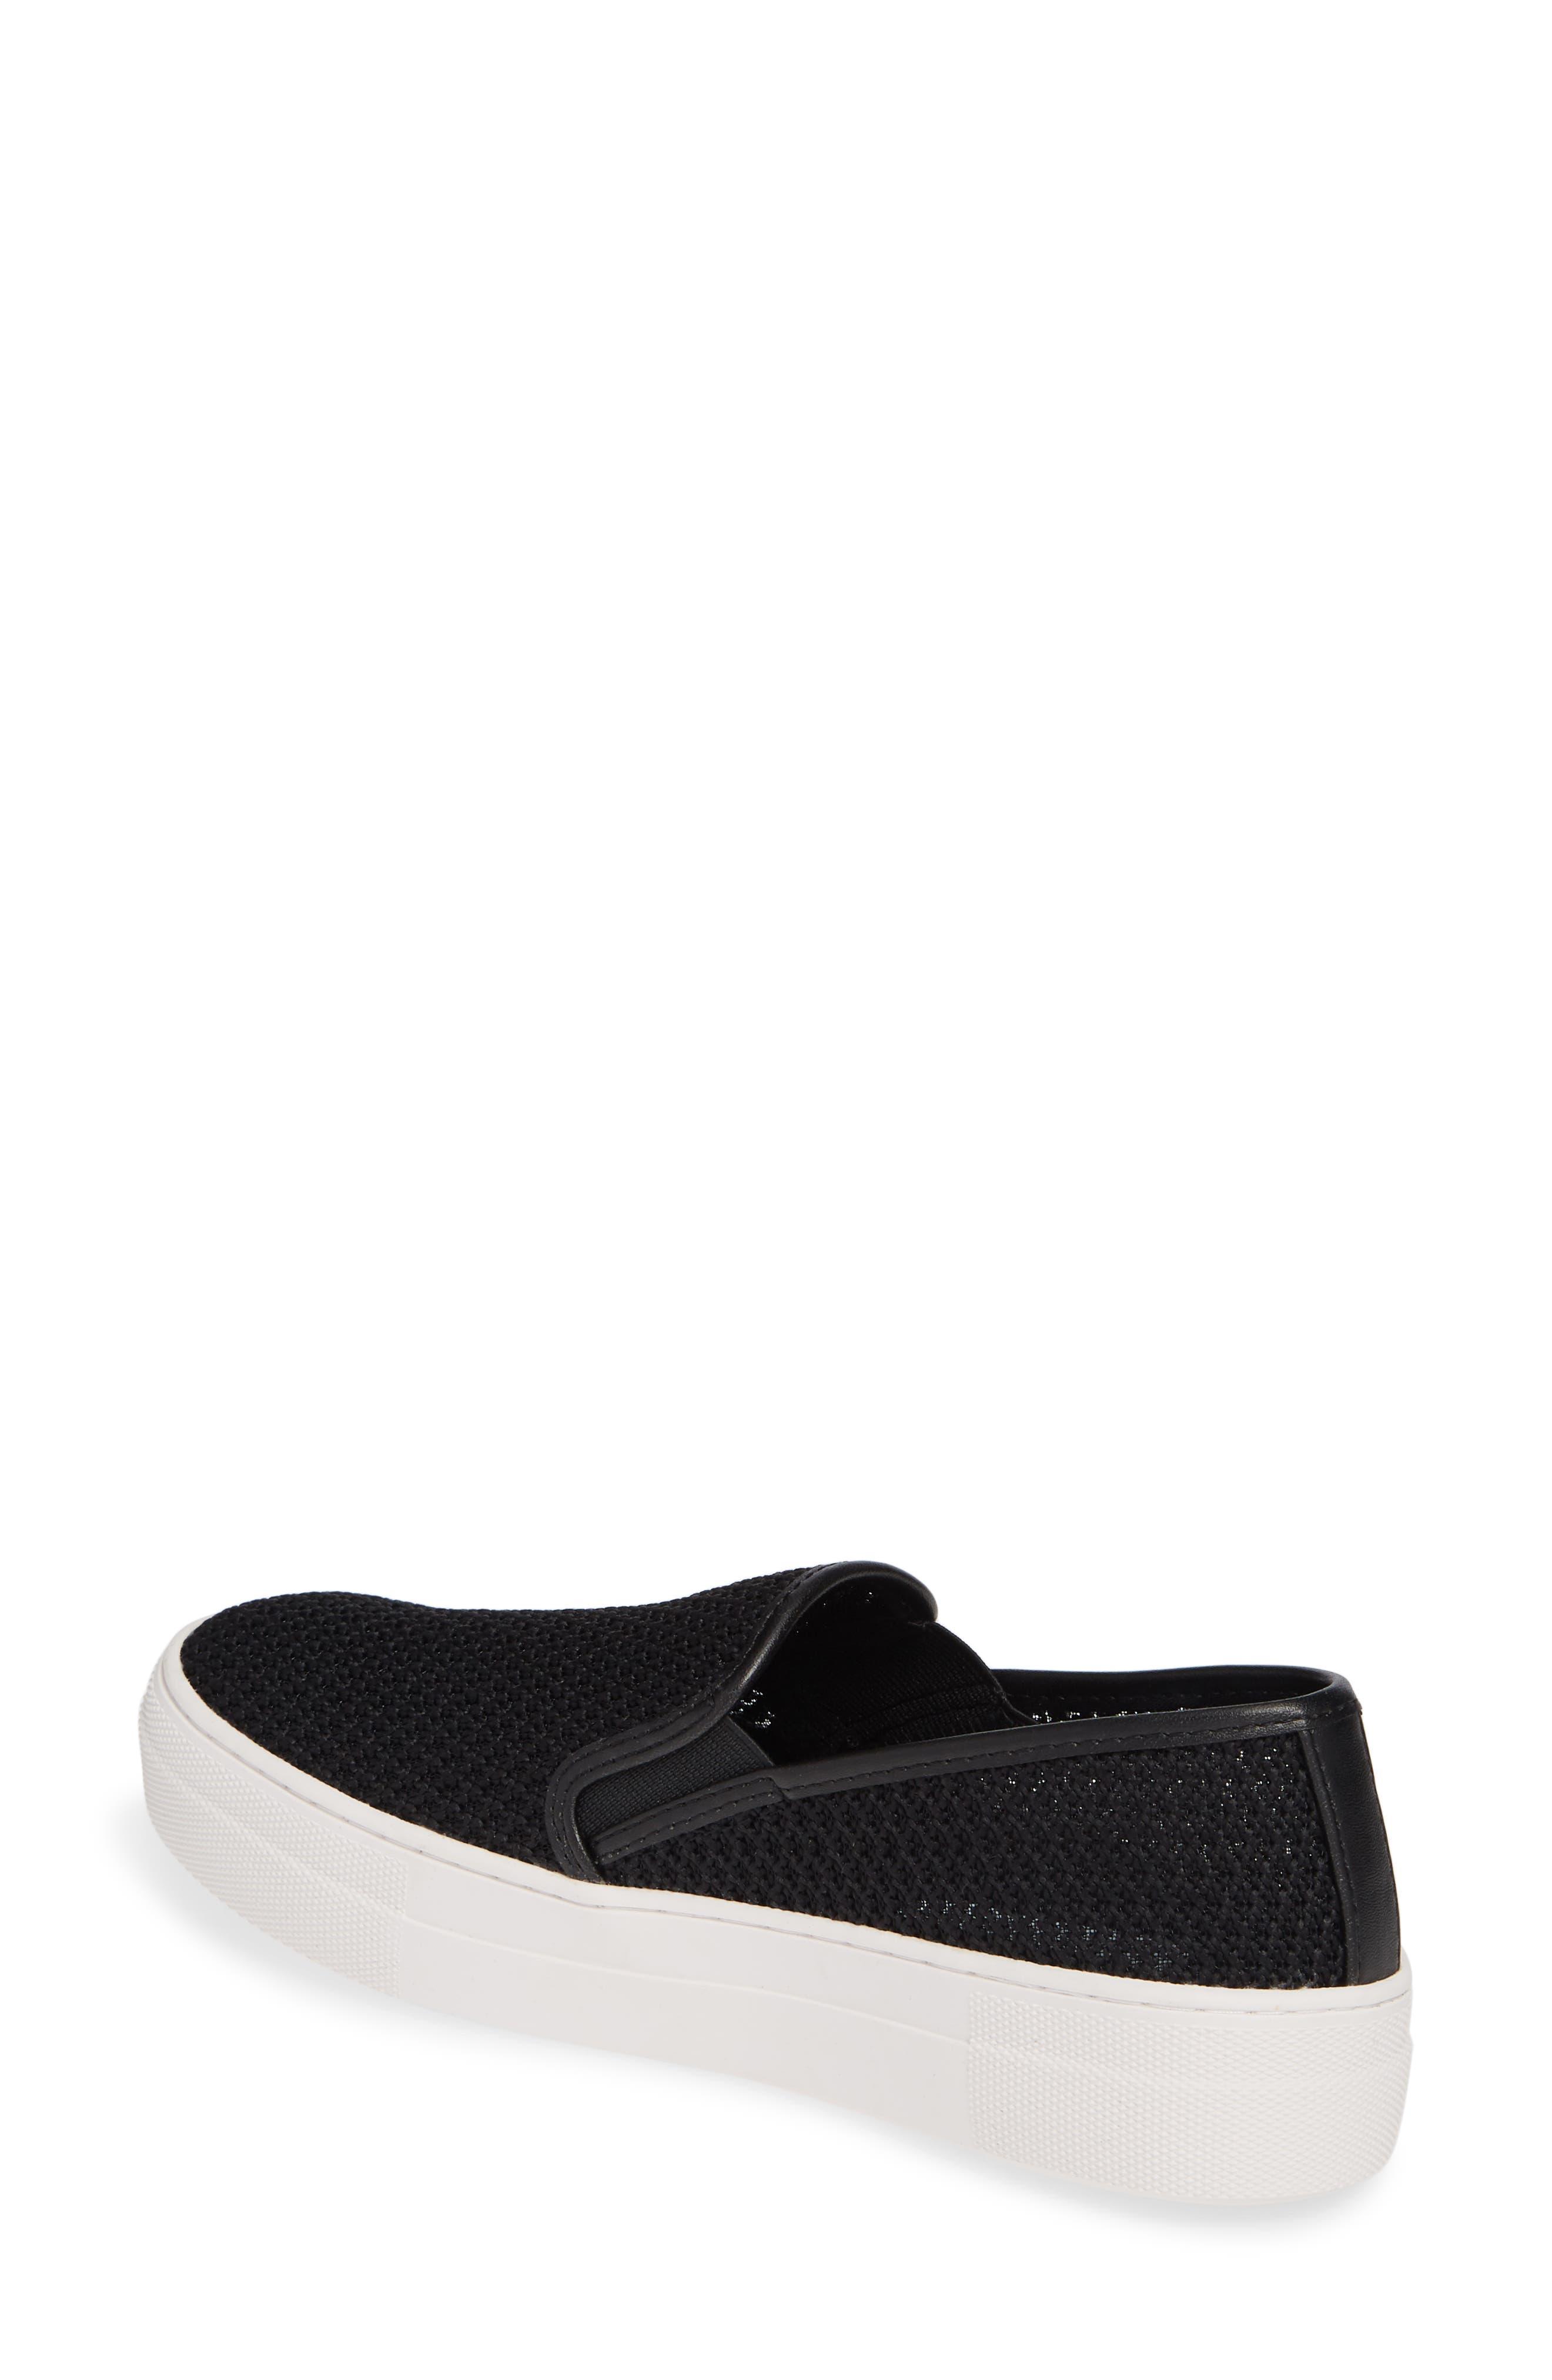 STEVE MADDEN, Gills-M Mesh Slip-On Sneaker, Alternate thumbnail 2, color, BLACK